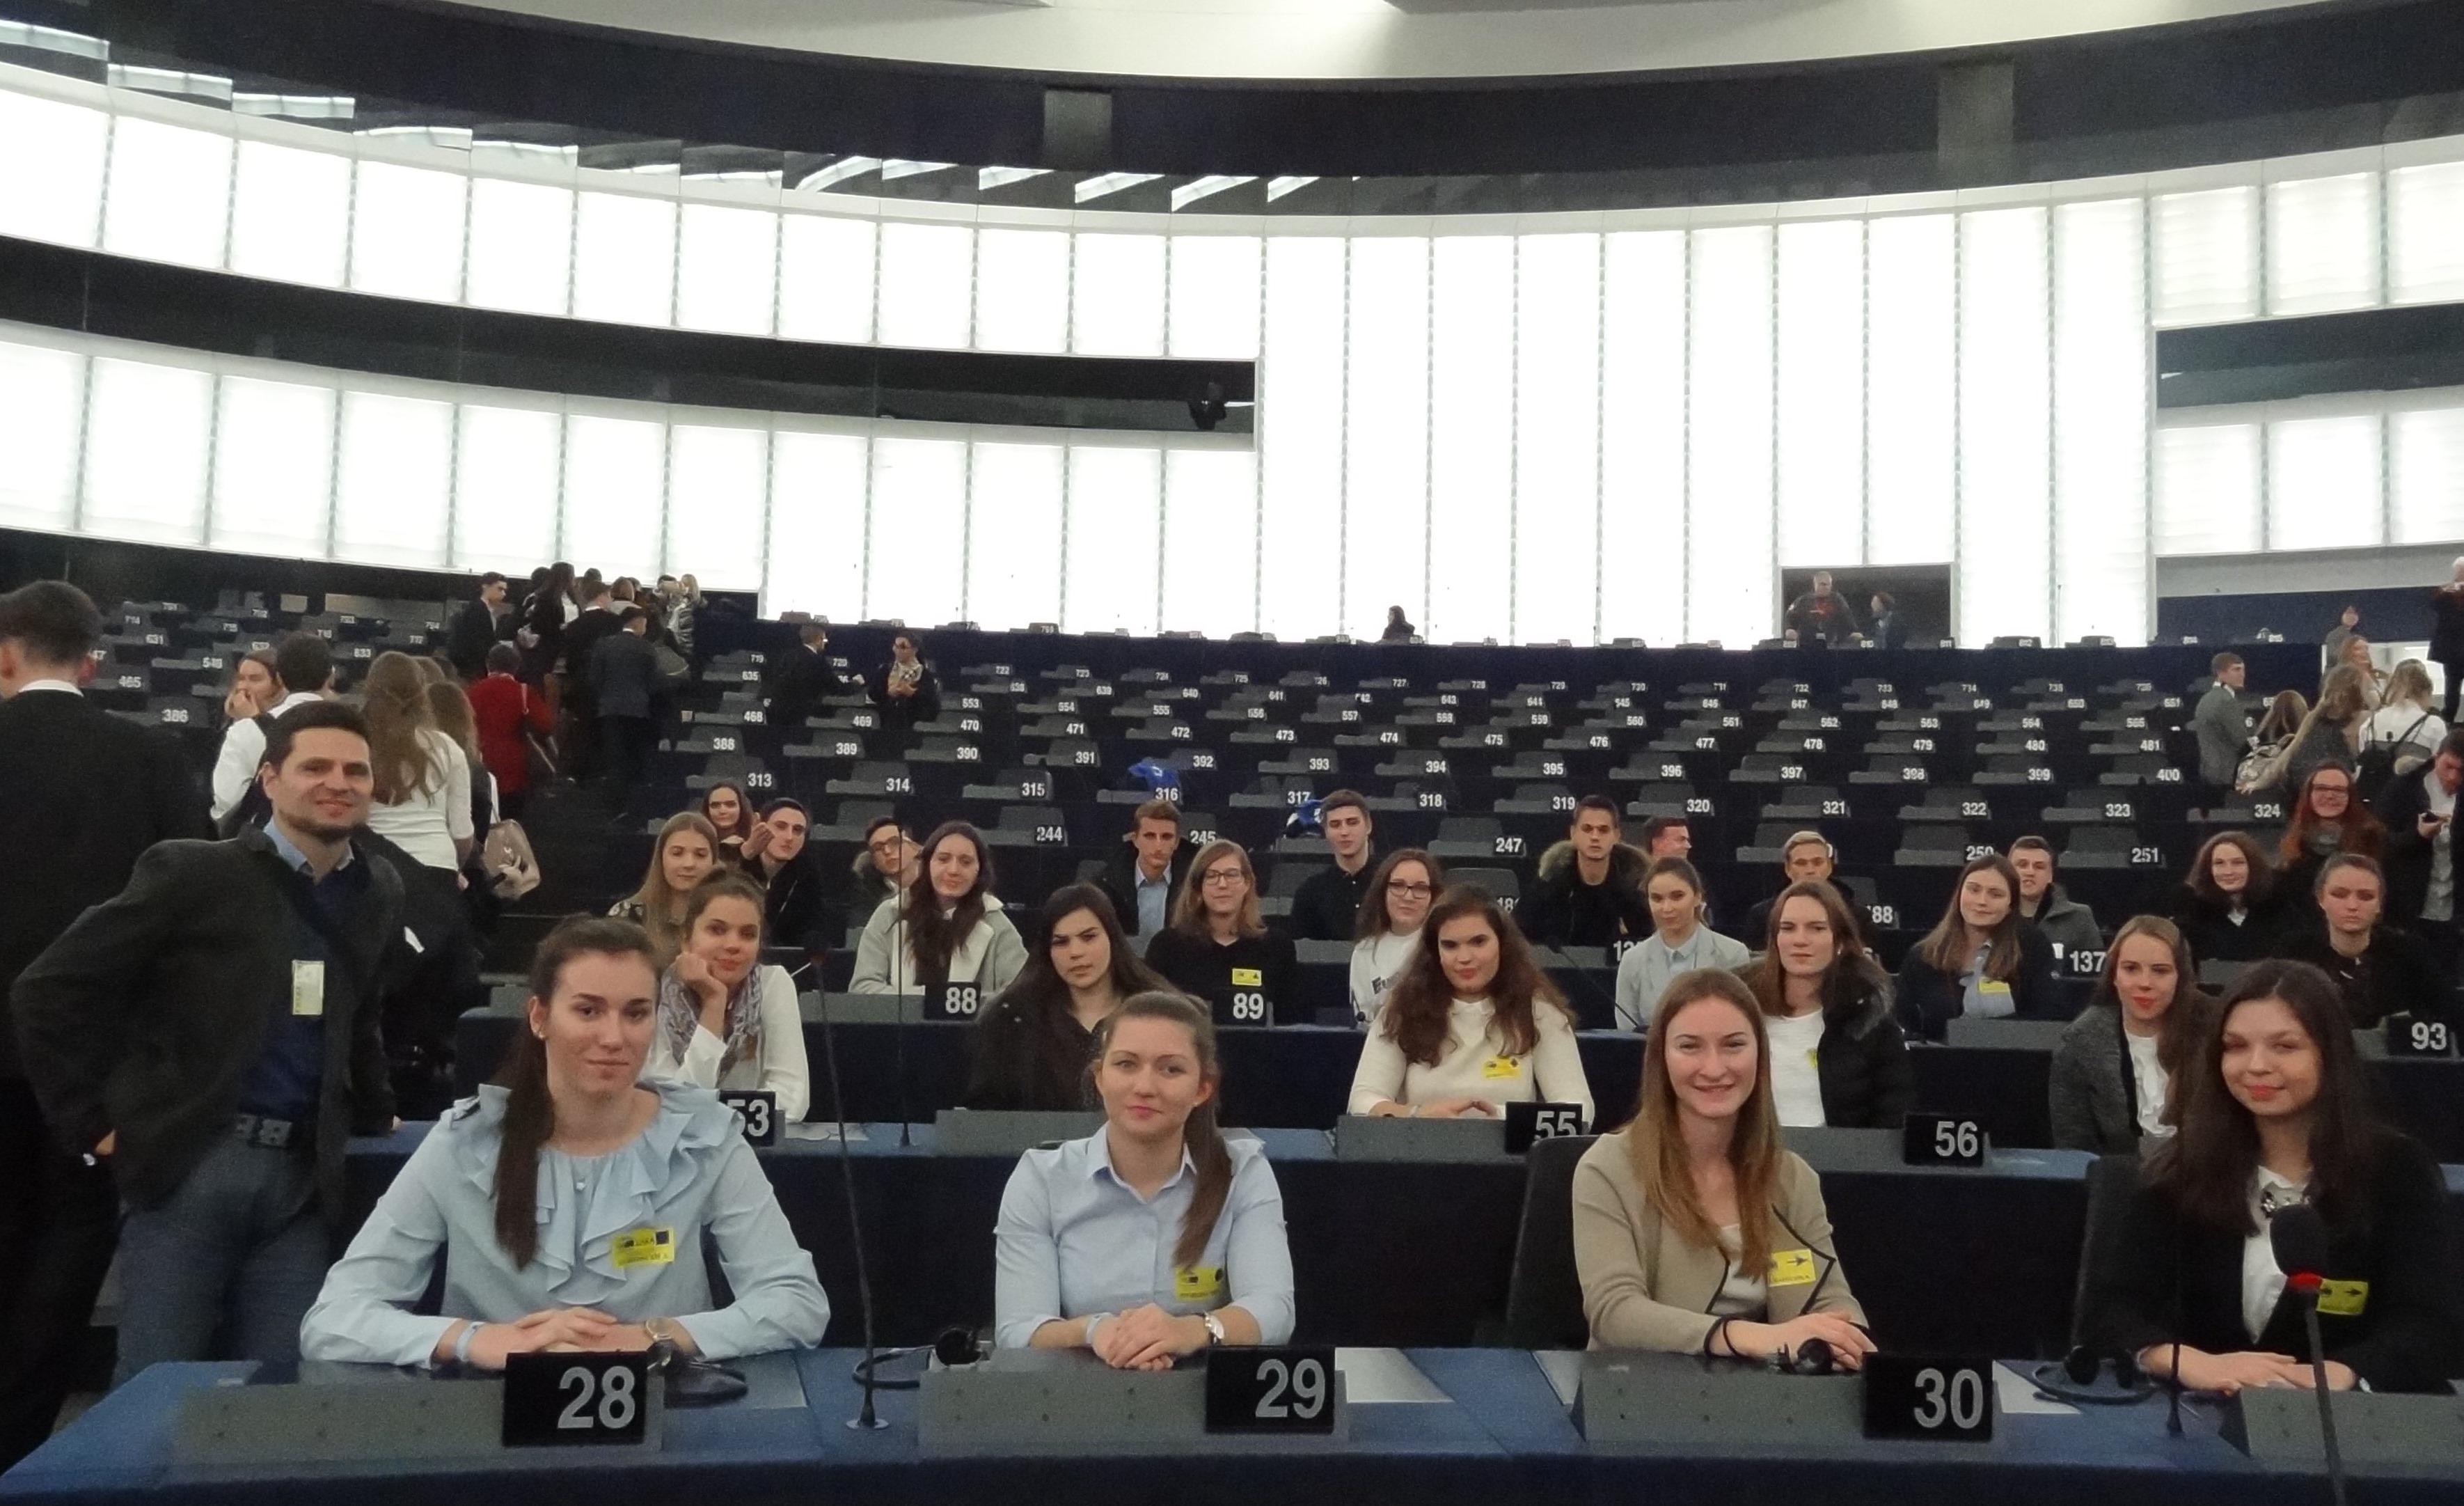 3. a v Evropskem parlamentu